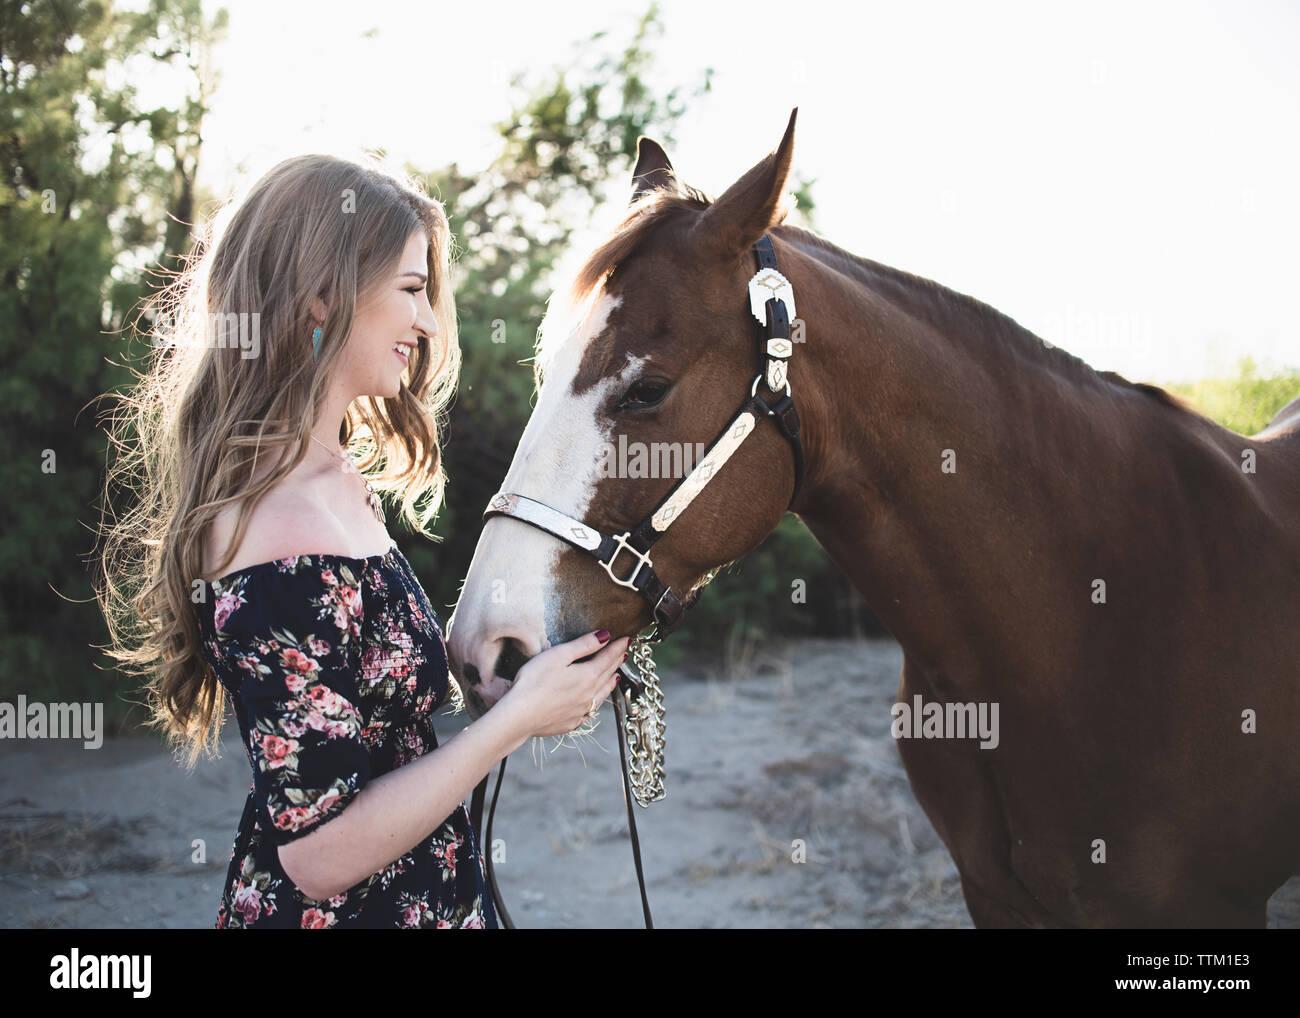 Vista lateral de la mujer sonriente acariciando el caballo mientras se encuentra en el campo contra el cielo despejado Foto de stock